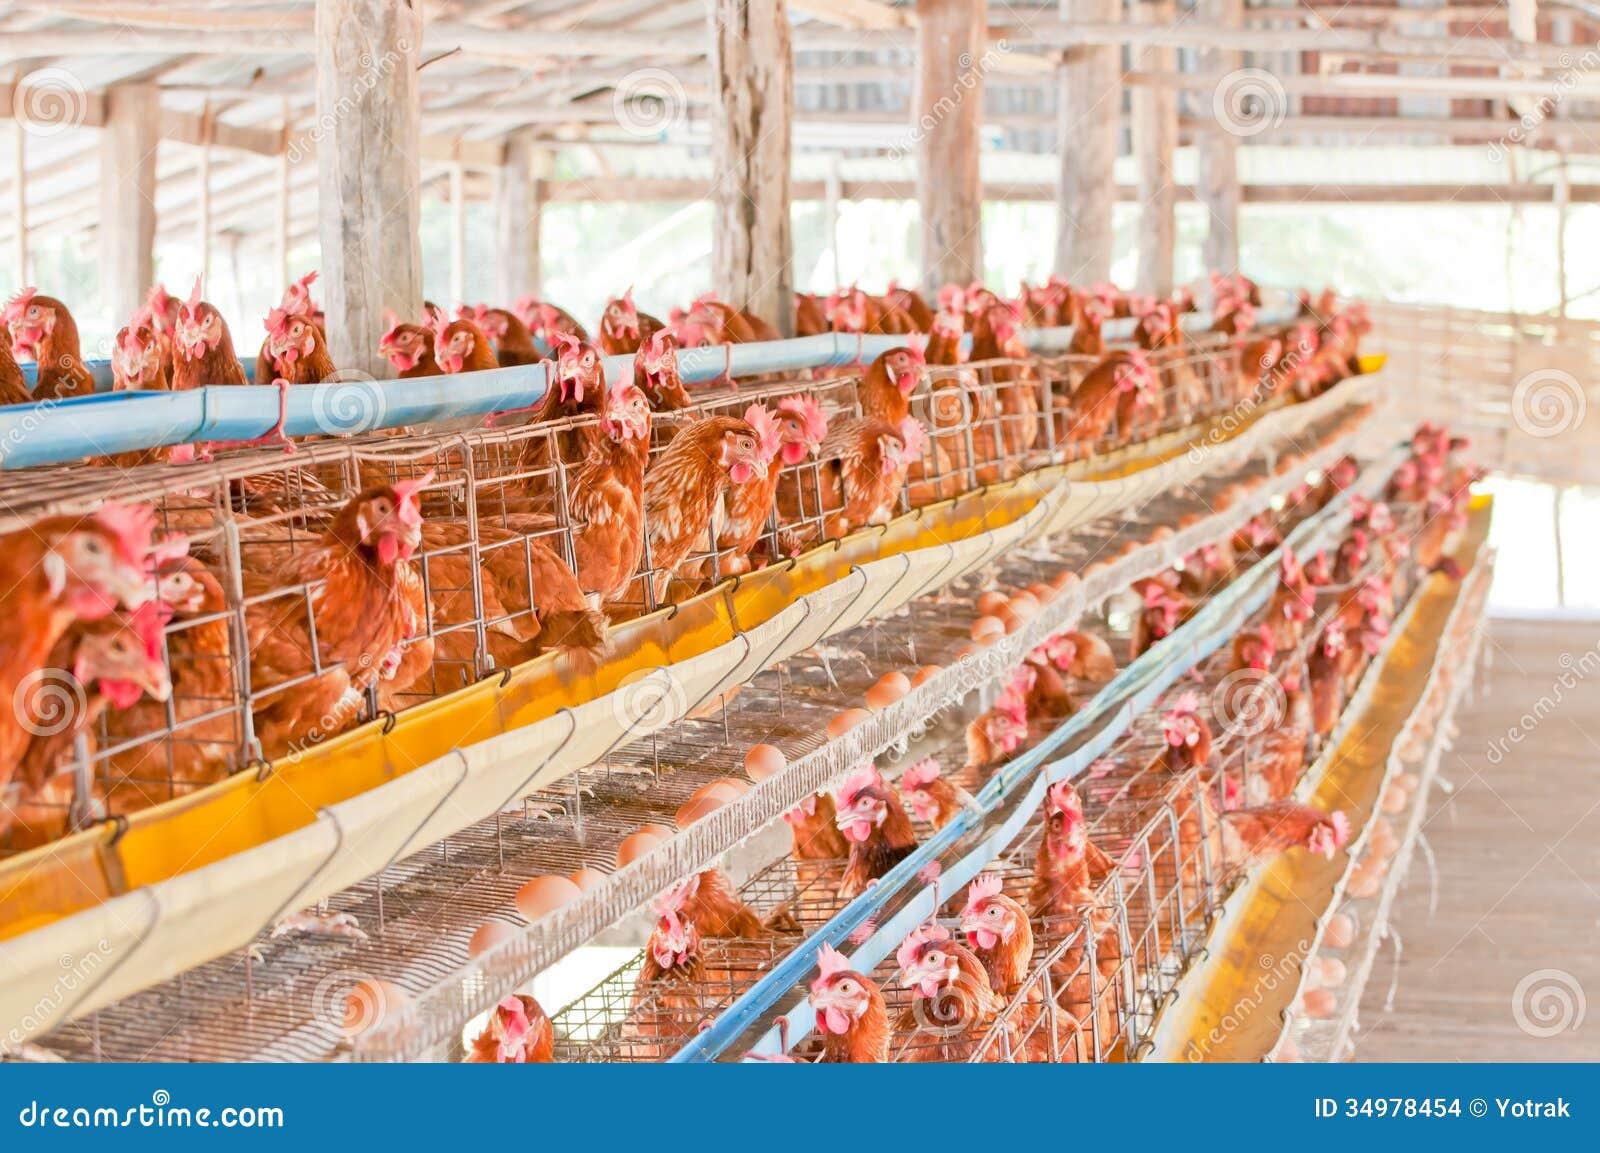 Ovos da galinha da exploração agrícola.